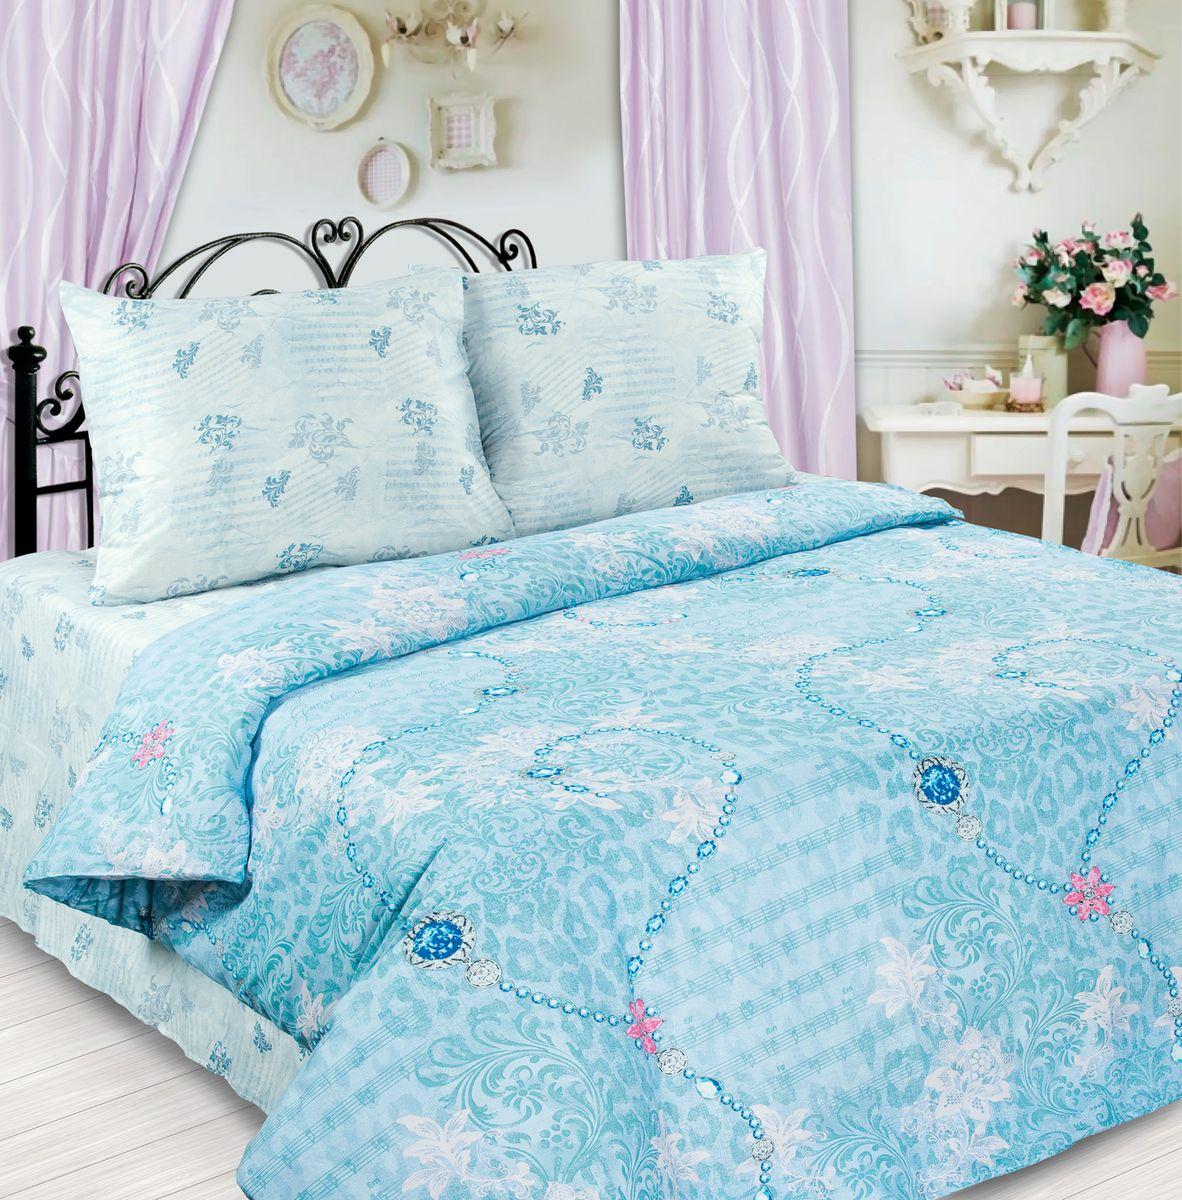 Комплект белья Любимый дом Спящая красавица, 1,5-спальный, наволочки 70х70, цвет: голубой, белый264407Комплект постельного белья Любимый дом Спящая красавица состоит из пододеяльника, простыни и двух наволочек. Удивительной красоты рисунок сочетает в себе нежность и теплоту. Постельное белье Любимый дом Спящая красавица создано для романтичных натур, которые любят изысканный дизайн. Белье изготовлено из новой ткани Биокомфорт, отвечающей всем необходимым нормативным стандартам. Биокомфорт - это ткань полотняного переплетения, из экологически чистого и натурального 100% хлопка. Неоспоримым плюсом белья из такой ткани является мягкость и легкость, она прекрасно пропускает воздух, приятна на ощупь, не образует катышков на поверхности и за ней легко ухаживать. При соблюдении рекомендаций по уходу, это белье выдерживает много стирок, не линяет и не теряет свою первоначальную прочность. Уникальная ткань обеспечивает легкую глажку. Приобретая комплект постельного белья Любимый дом Спящая красавица, вы можете быть уверенны в том, что покупка доставит...